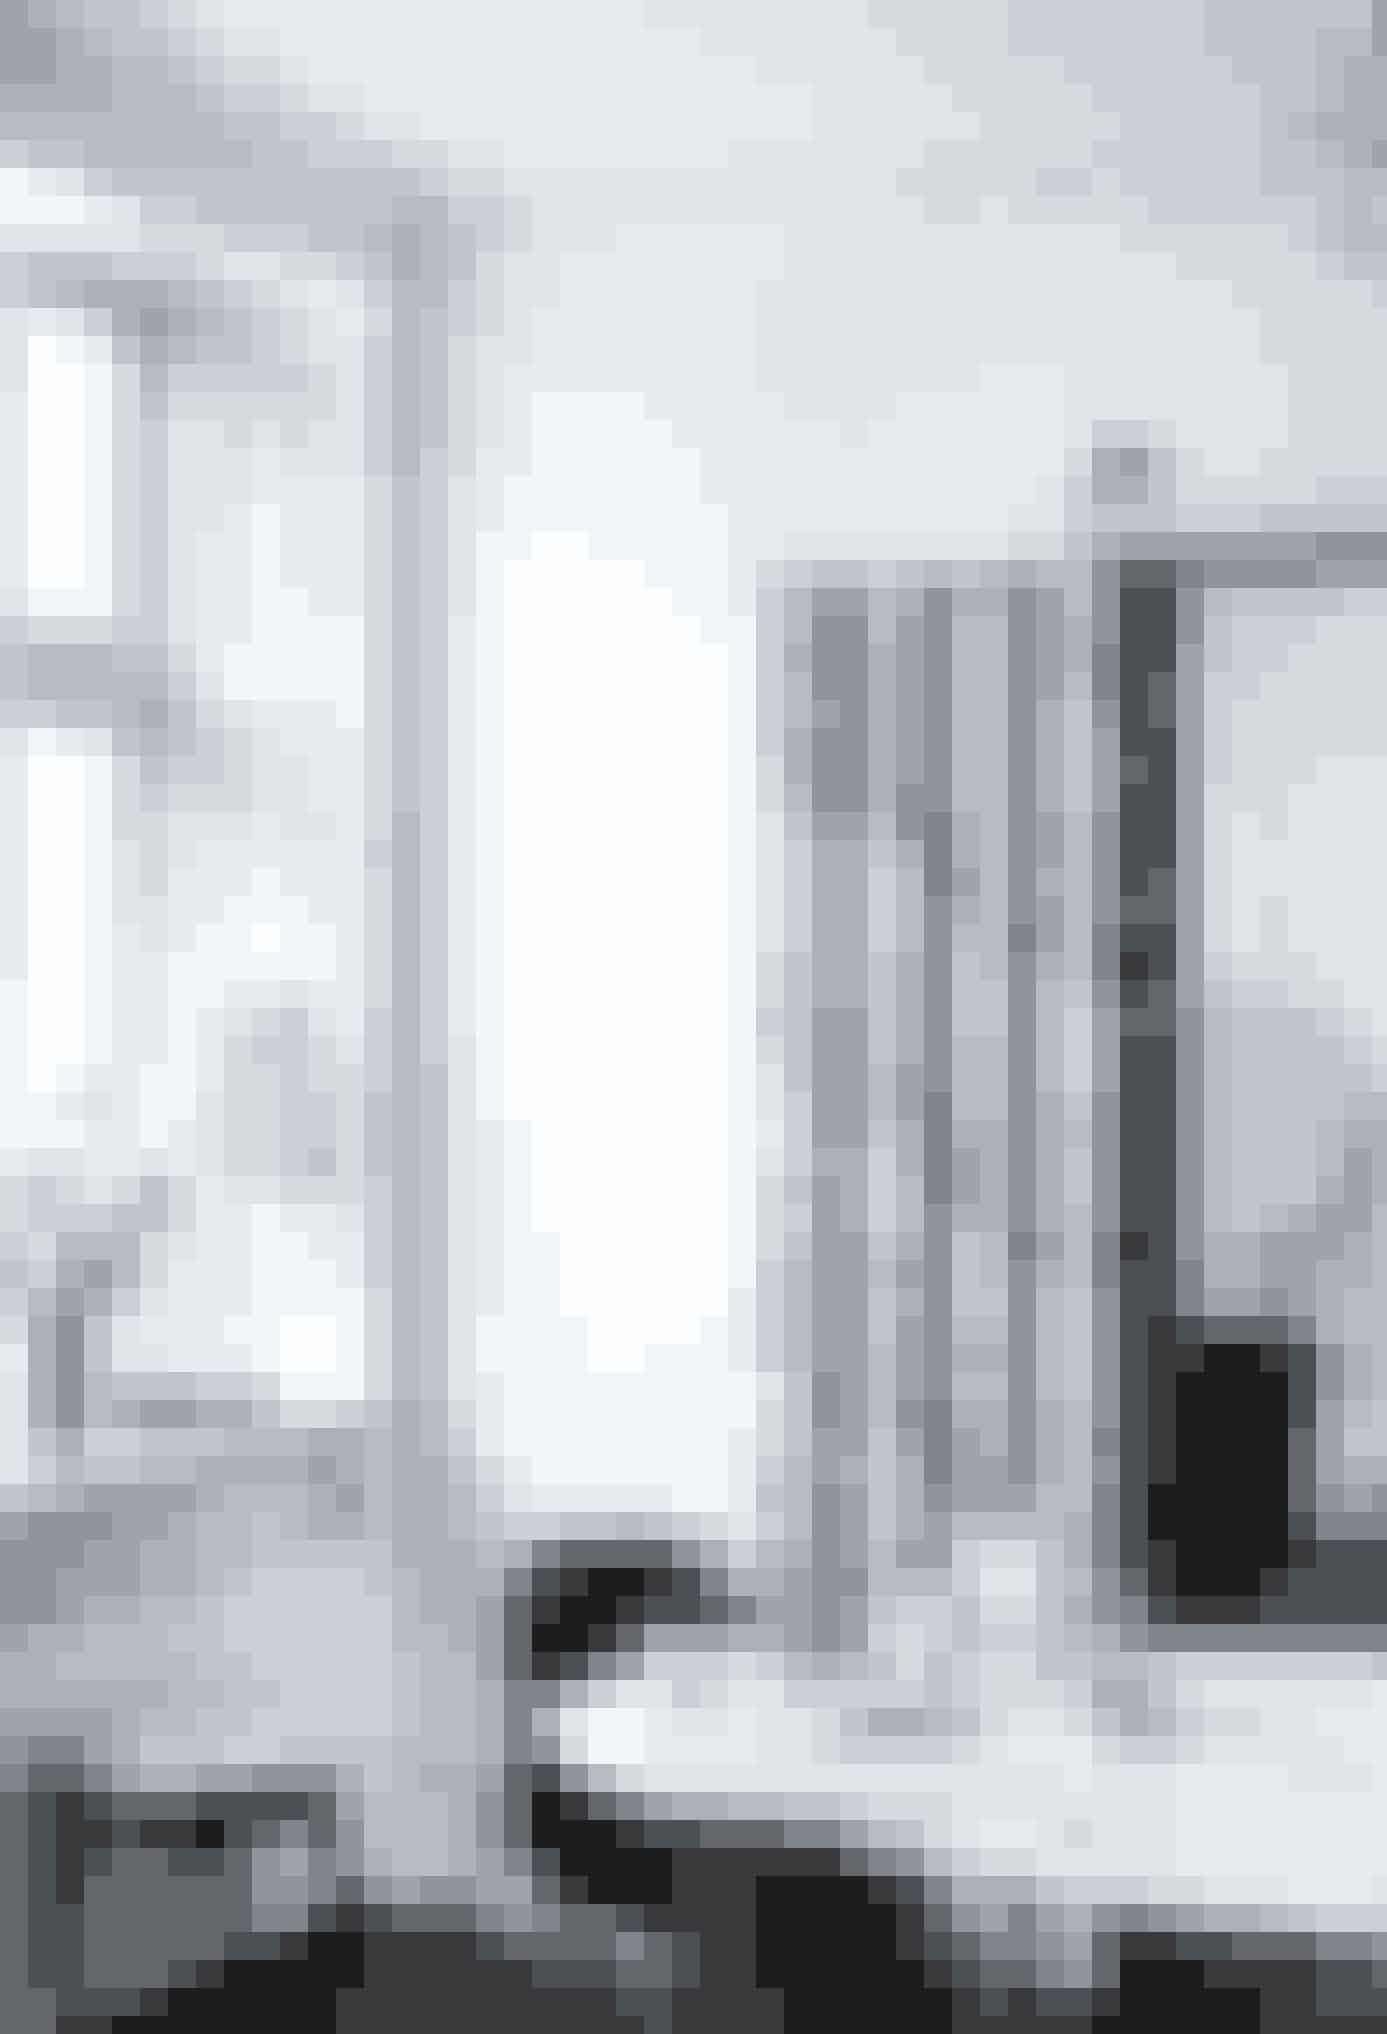 Da parret skulle renovere lejligheden, var det oplagt ikke alene at fylde den med kunst, men også at integrere et værk i selve rummene. Det blev et sæt moderne fløjdøre af kunstner-duoen Bank Rau, der skiller spisestuen fra soveværelset. Lampen i vindueskarmen er fra Holmegaard med en skærm af Le Klint.